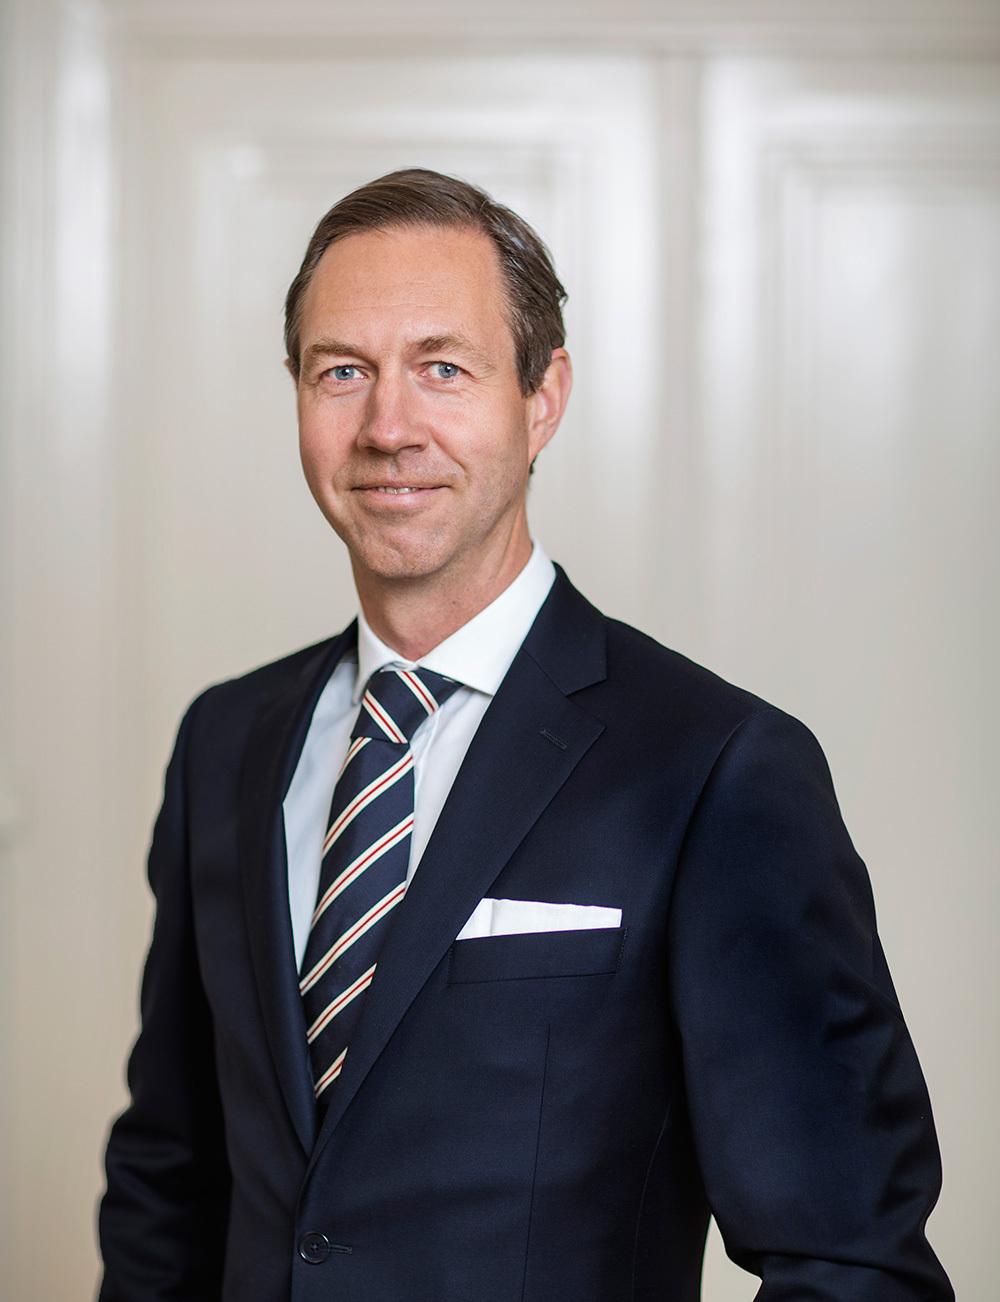 Johan Hammarén